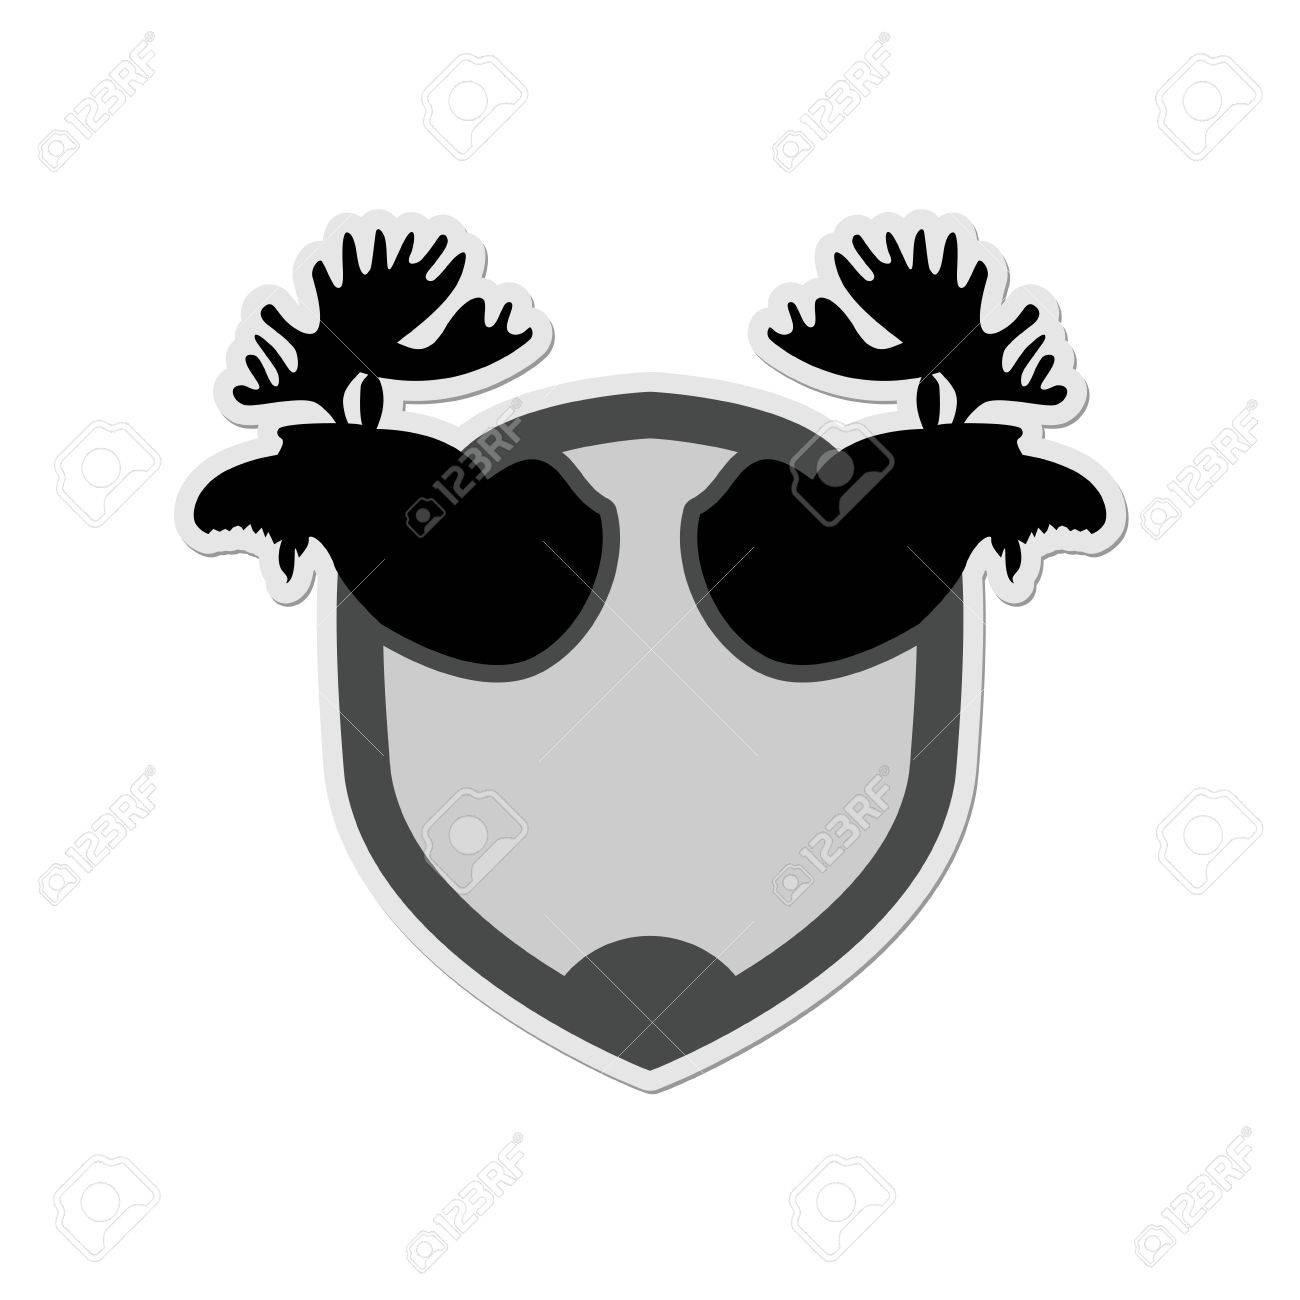 Elch-Kopf Auf Einem Schild. Emblem Für Die Jagd-Verein. Vektor ...